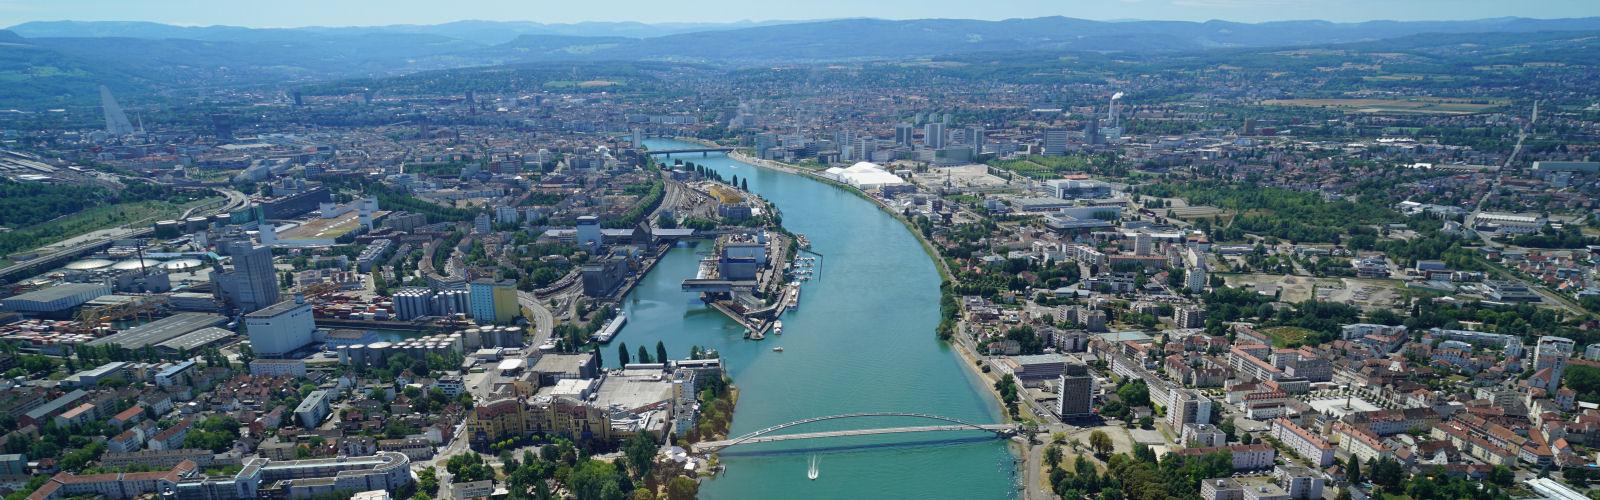 Luftbild Dreiländereck